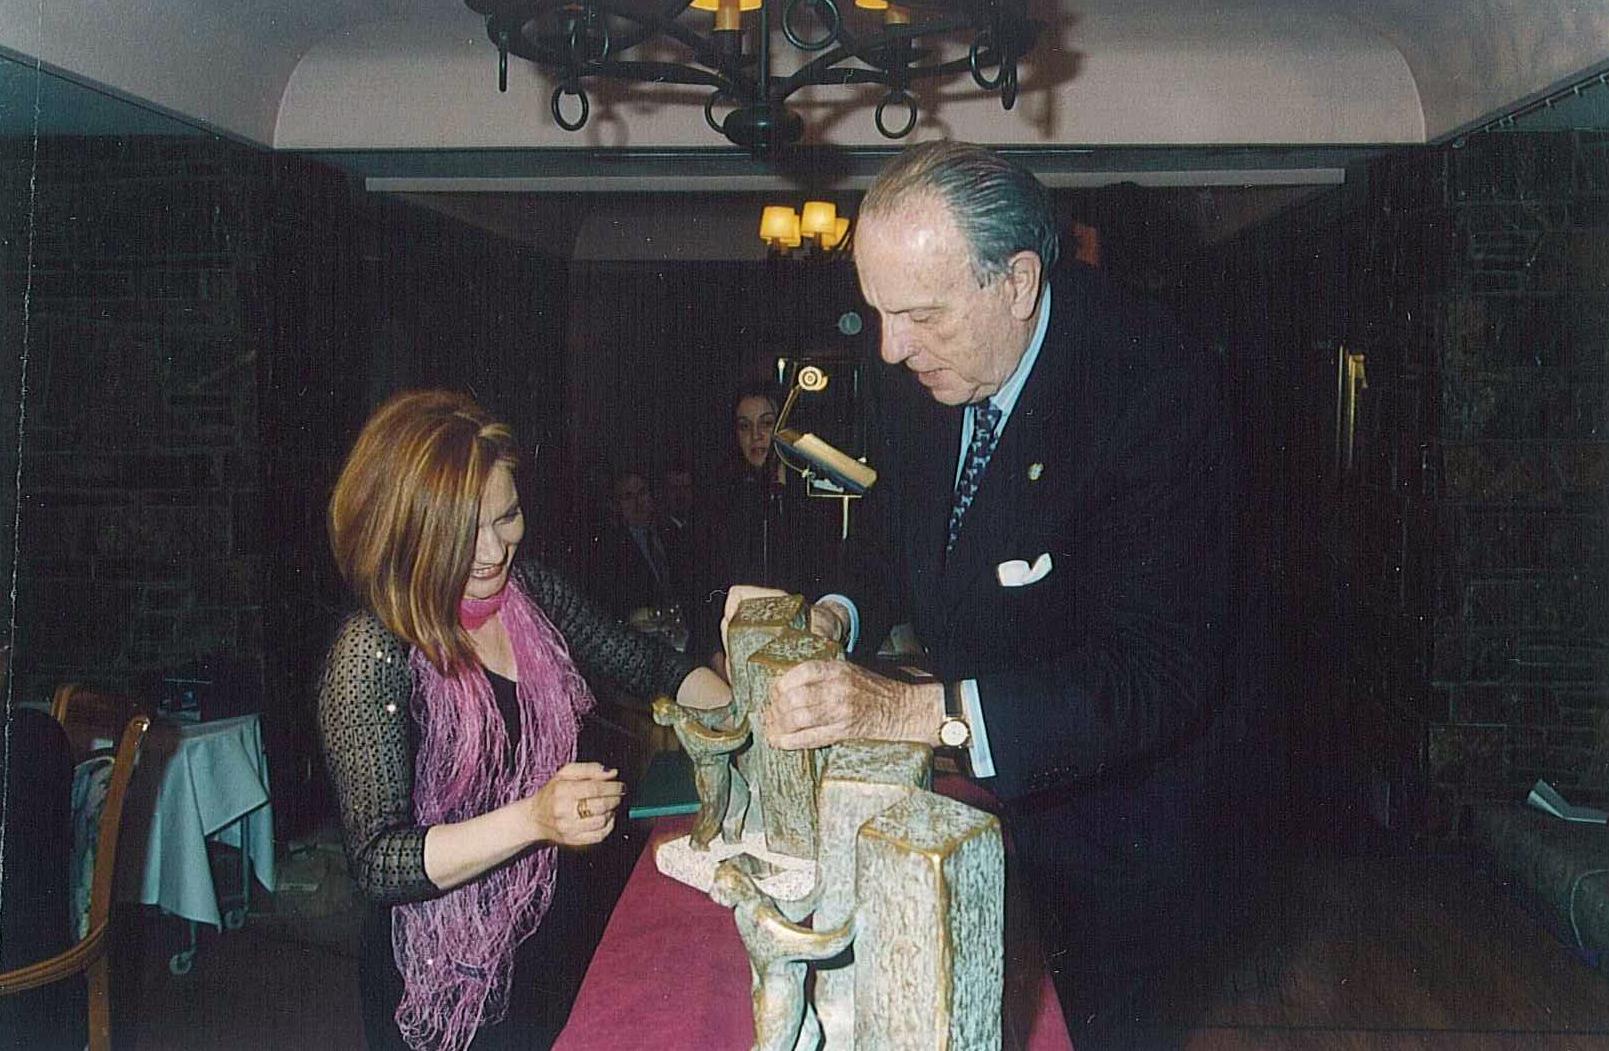 PREMIO ESPECIAL: Ganador del Premio Muralla de Lugo.